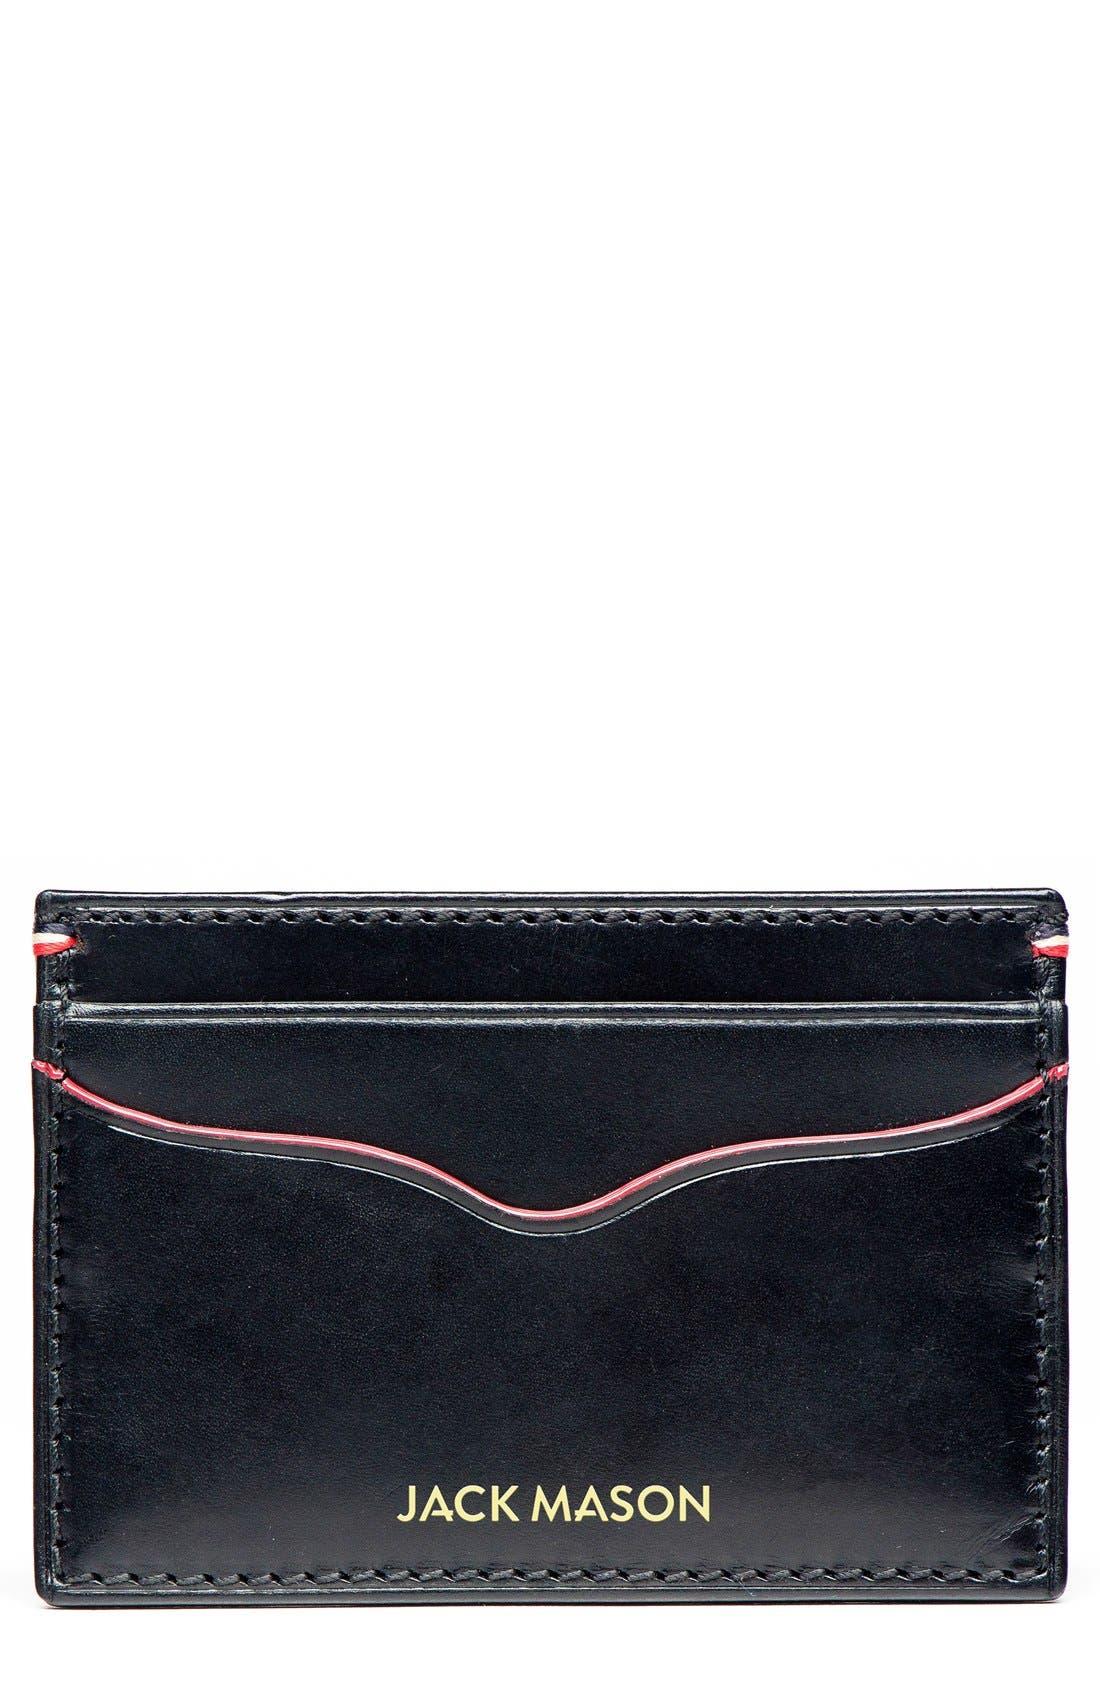 Main Image - Jack Mason Vacchetta Lux Leather Card Case